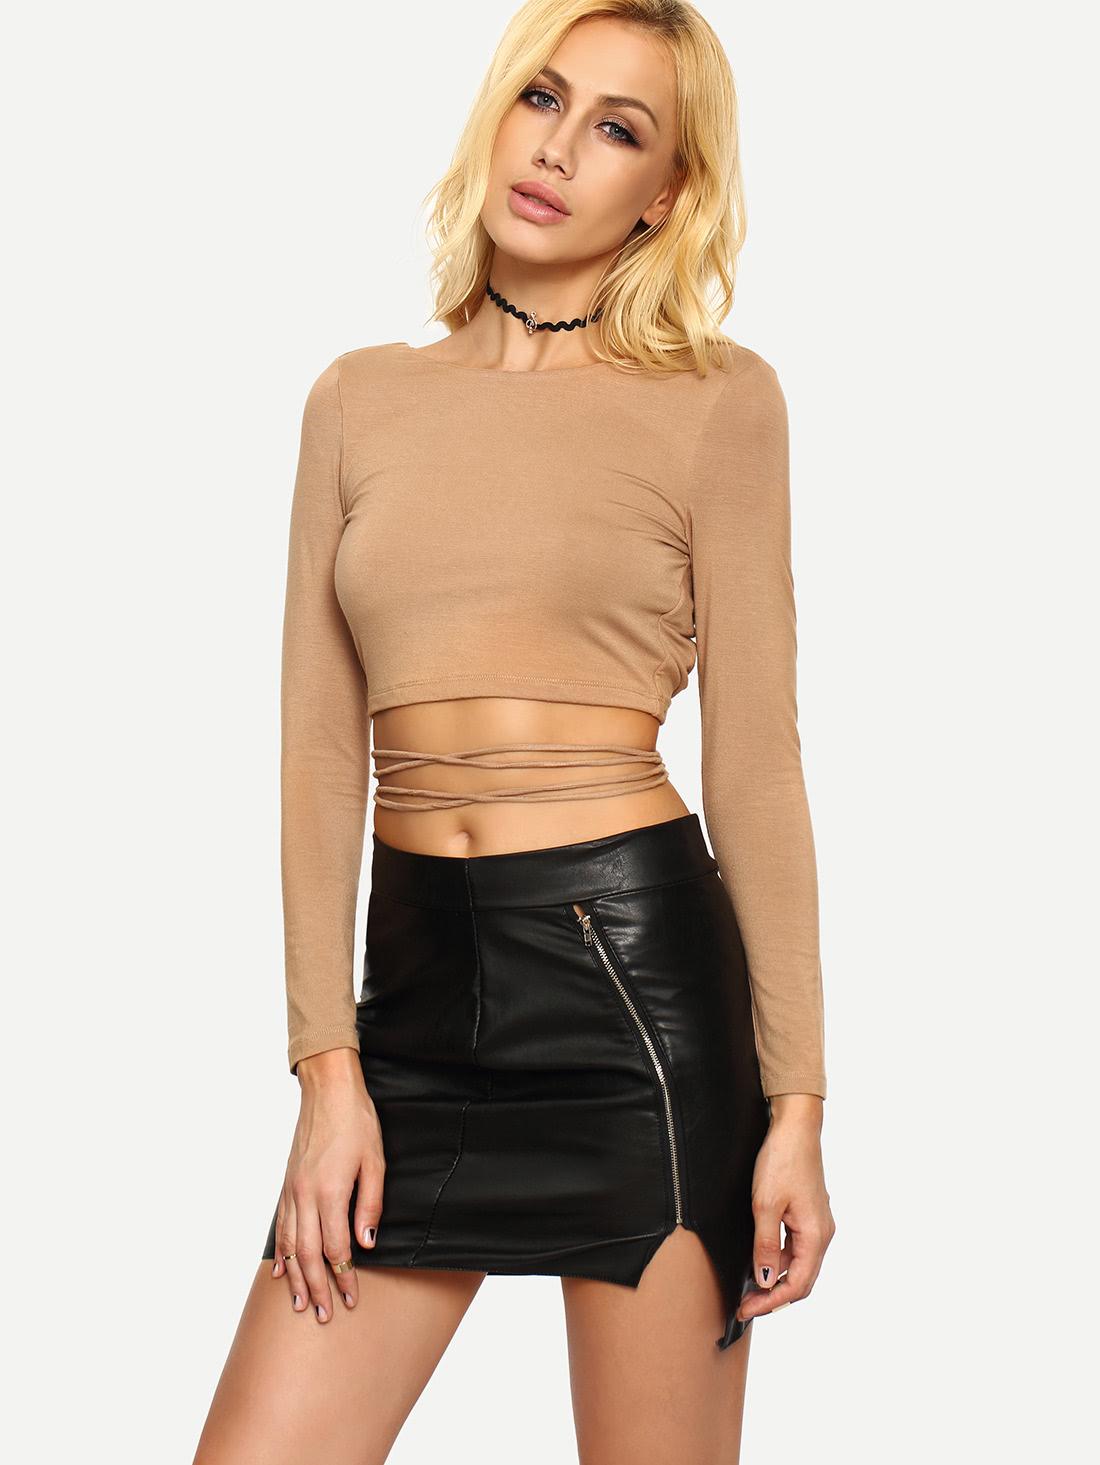 Dark Nude Long Sleeve Crisscross Crop T-shirt tee160418710